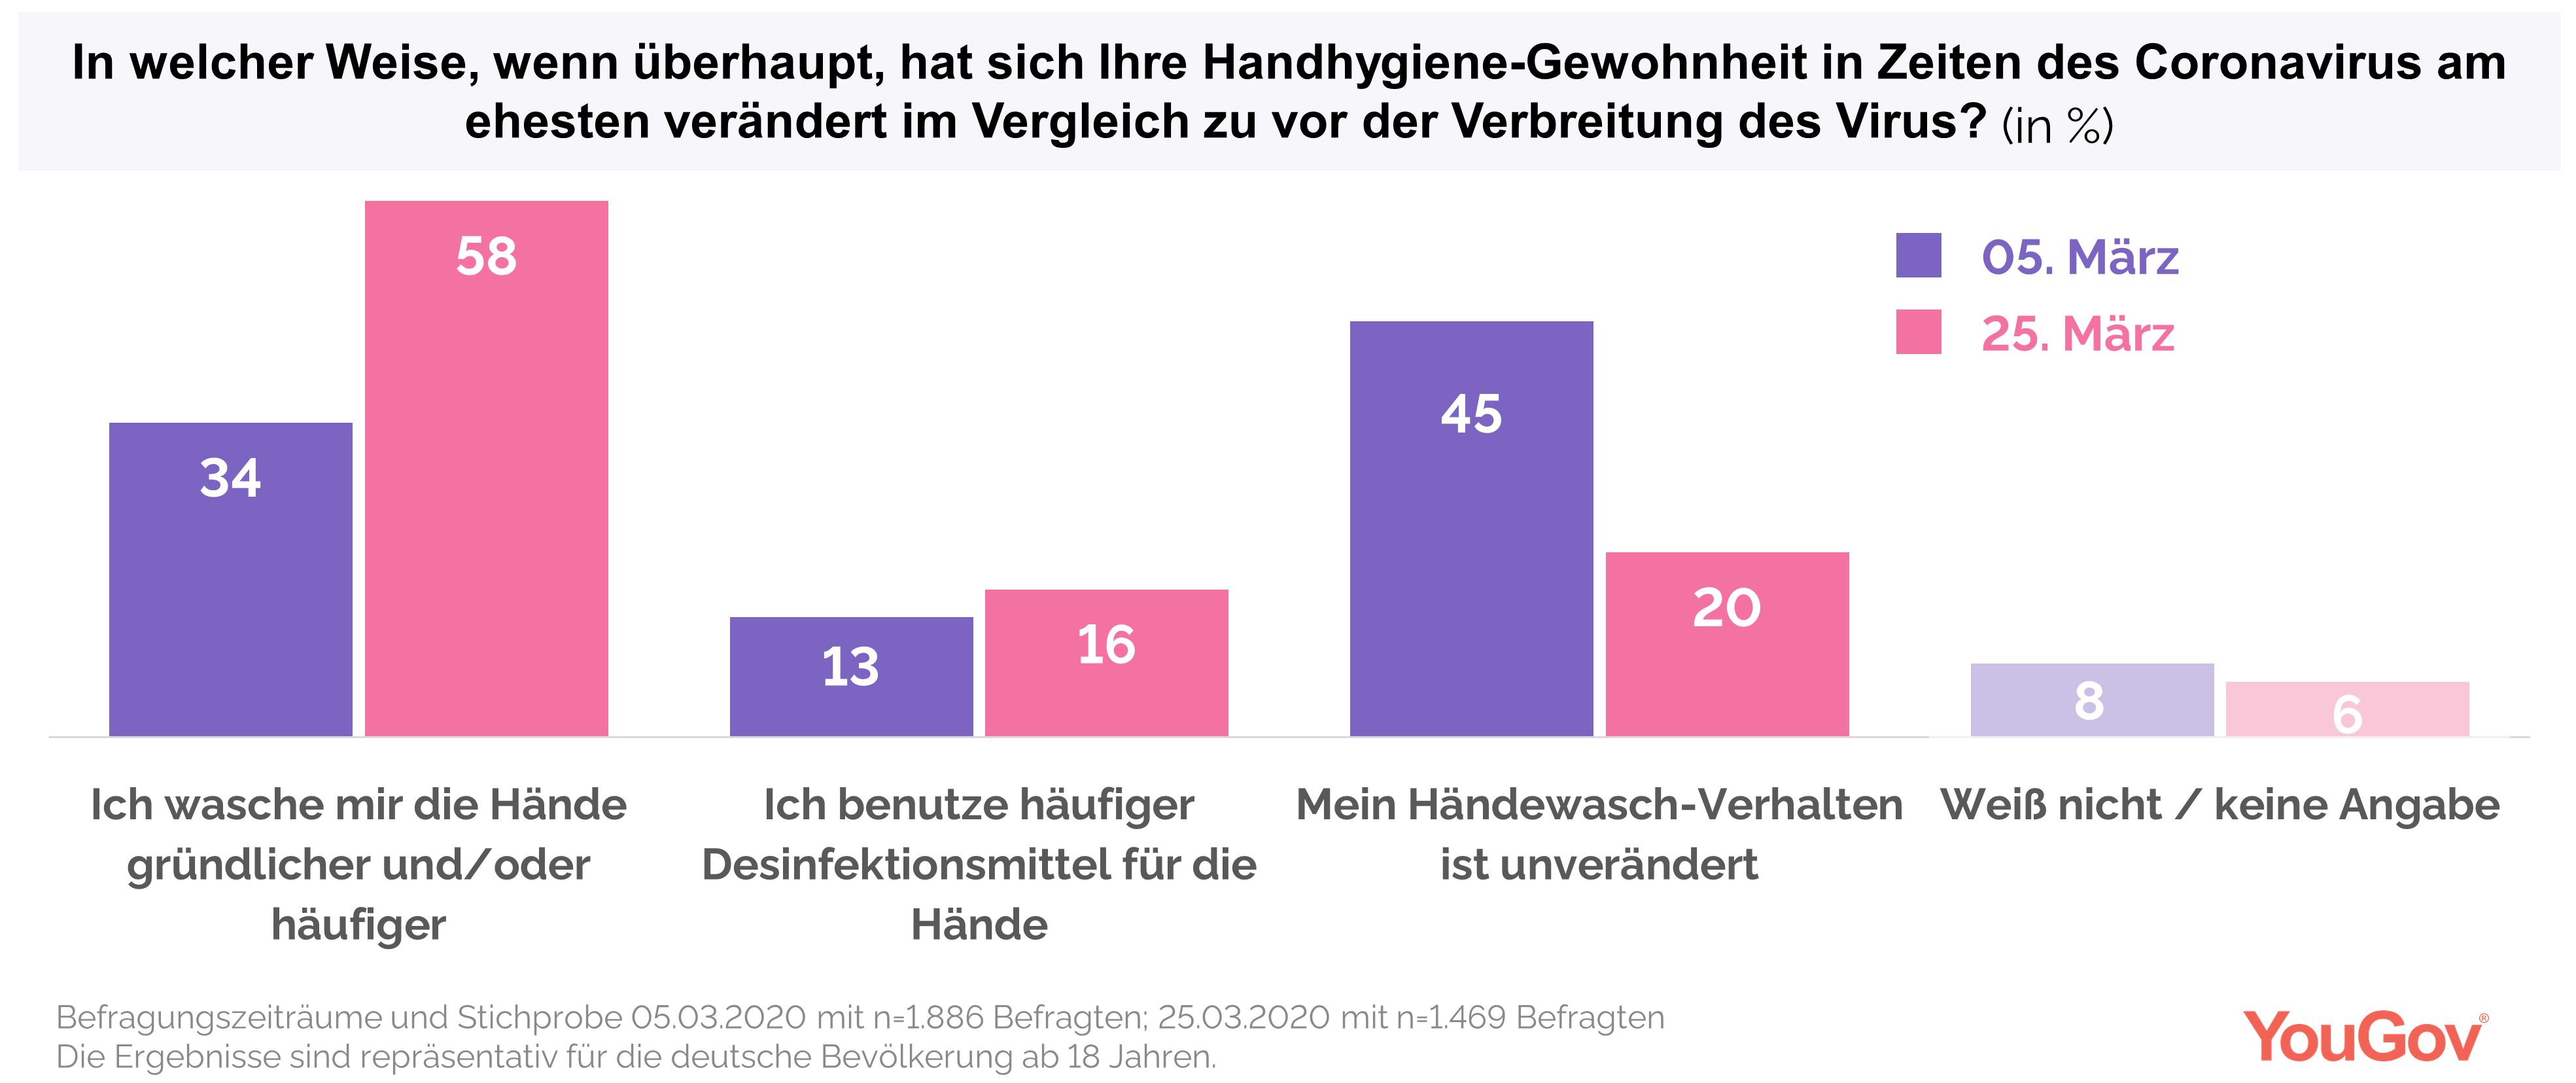 Grafik zur veränderten Handhygiene